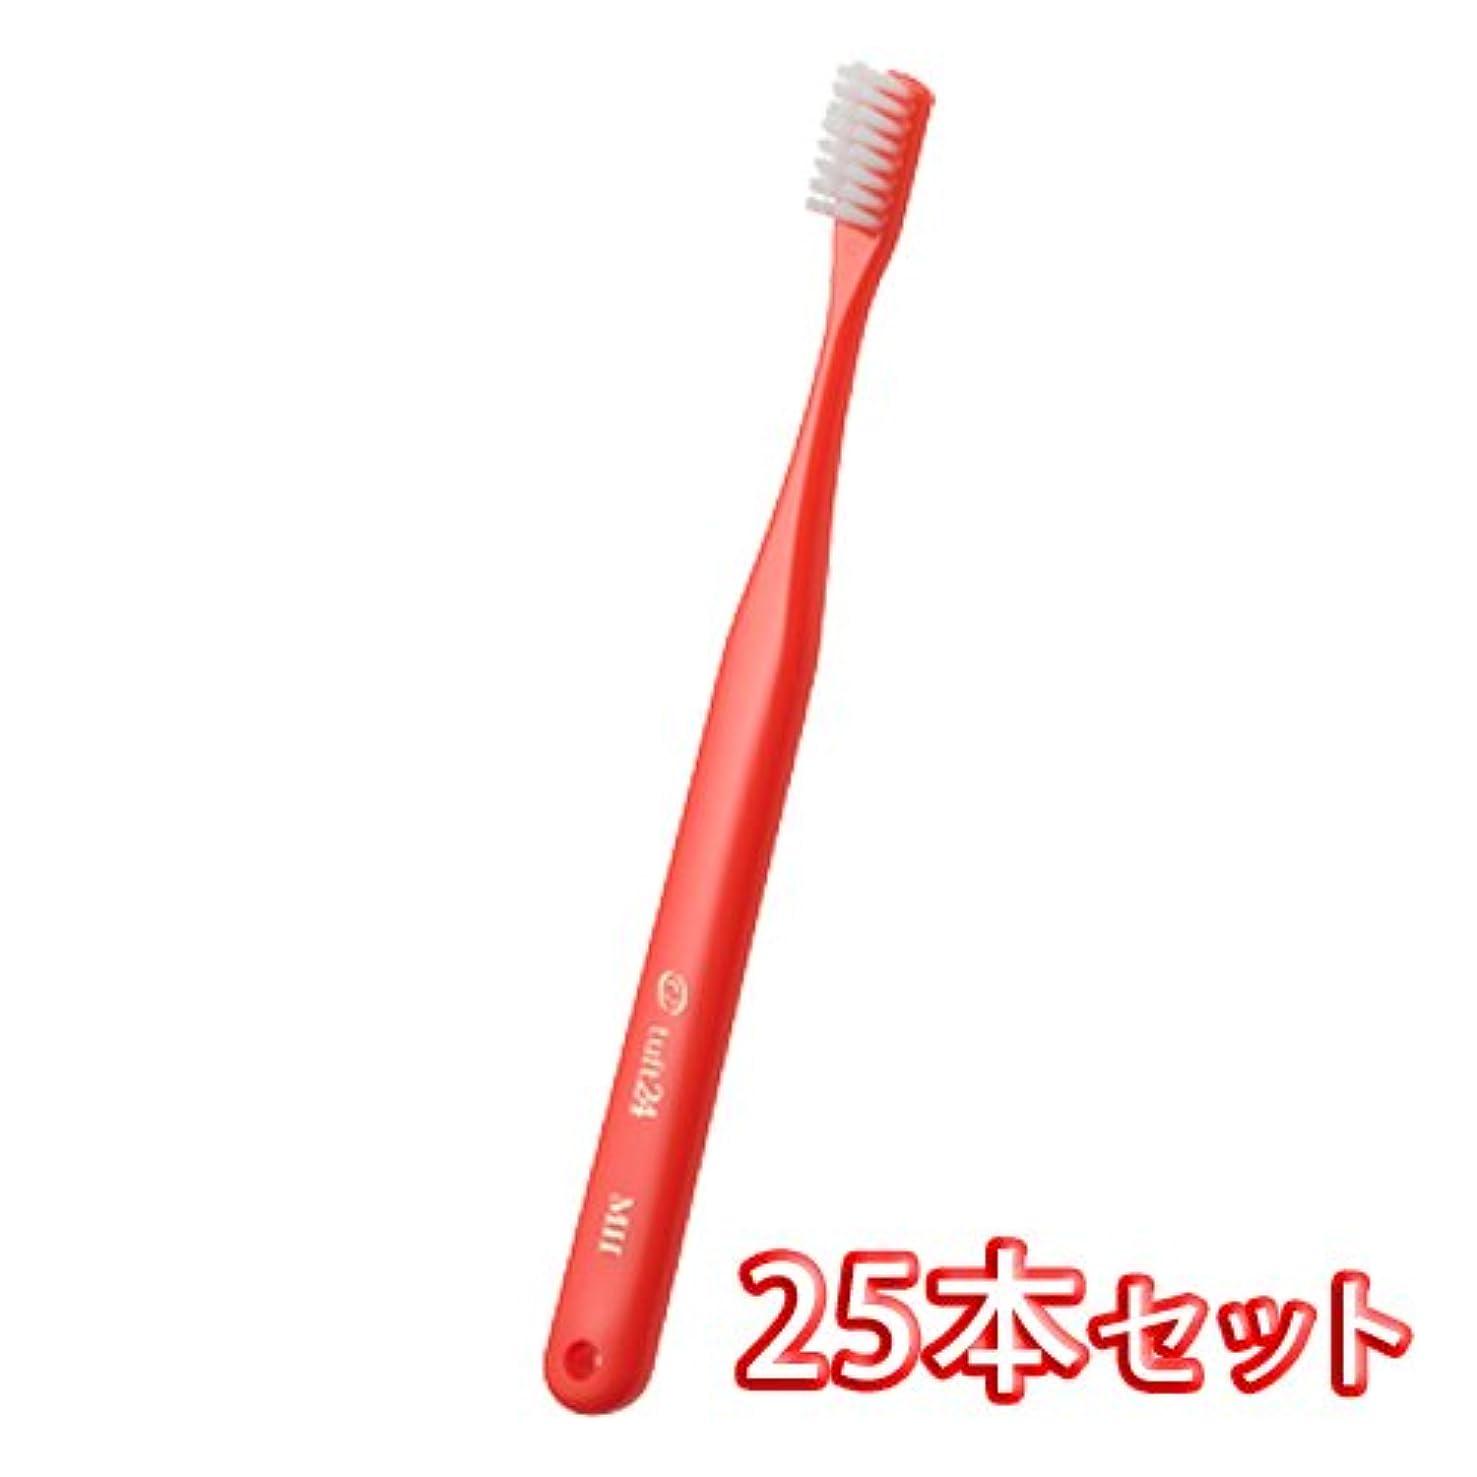 必要ない倫理おんどりオーラルケア キャップ付き タフト 24 歯ブラシ 25本入 ミディアムソフト MS (レッド)